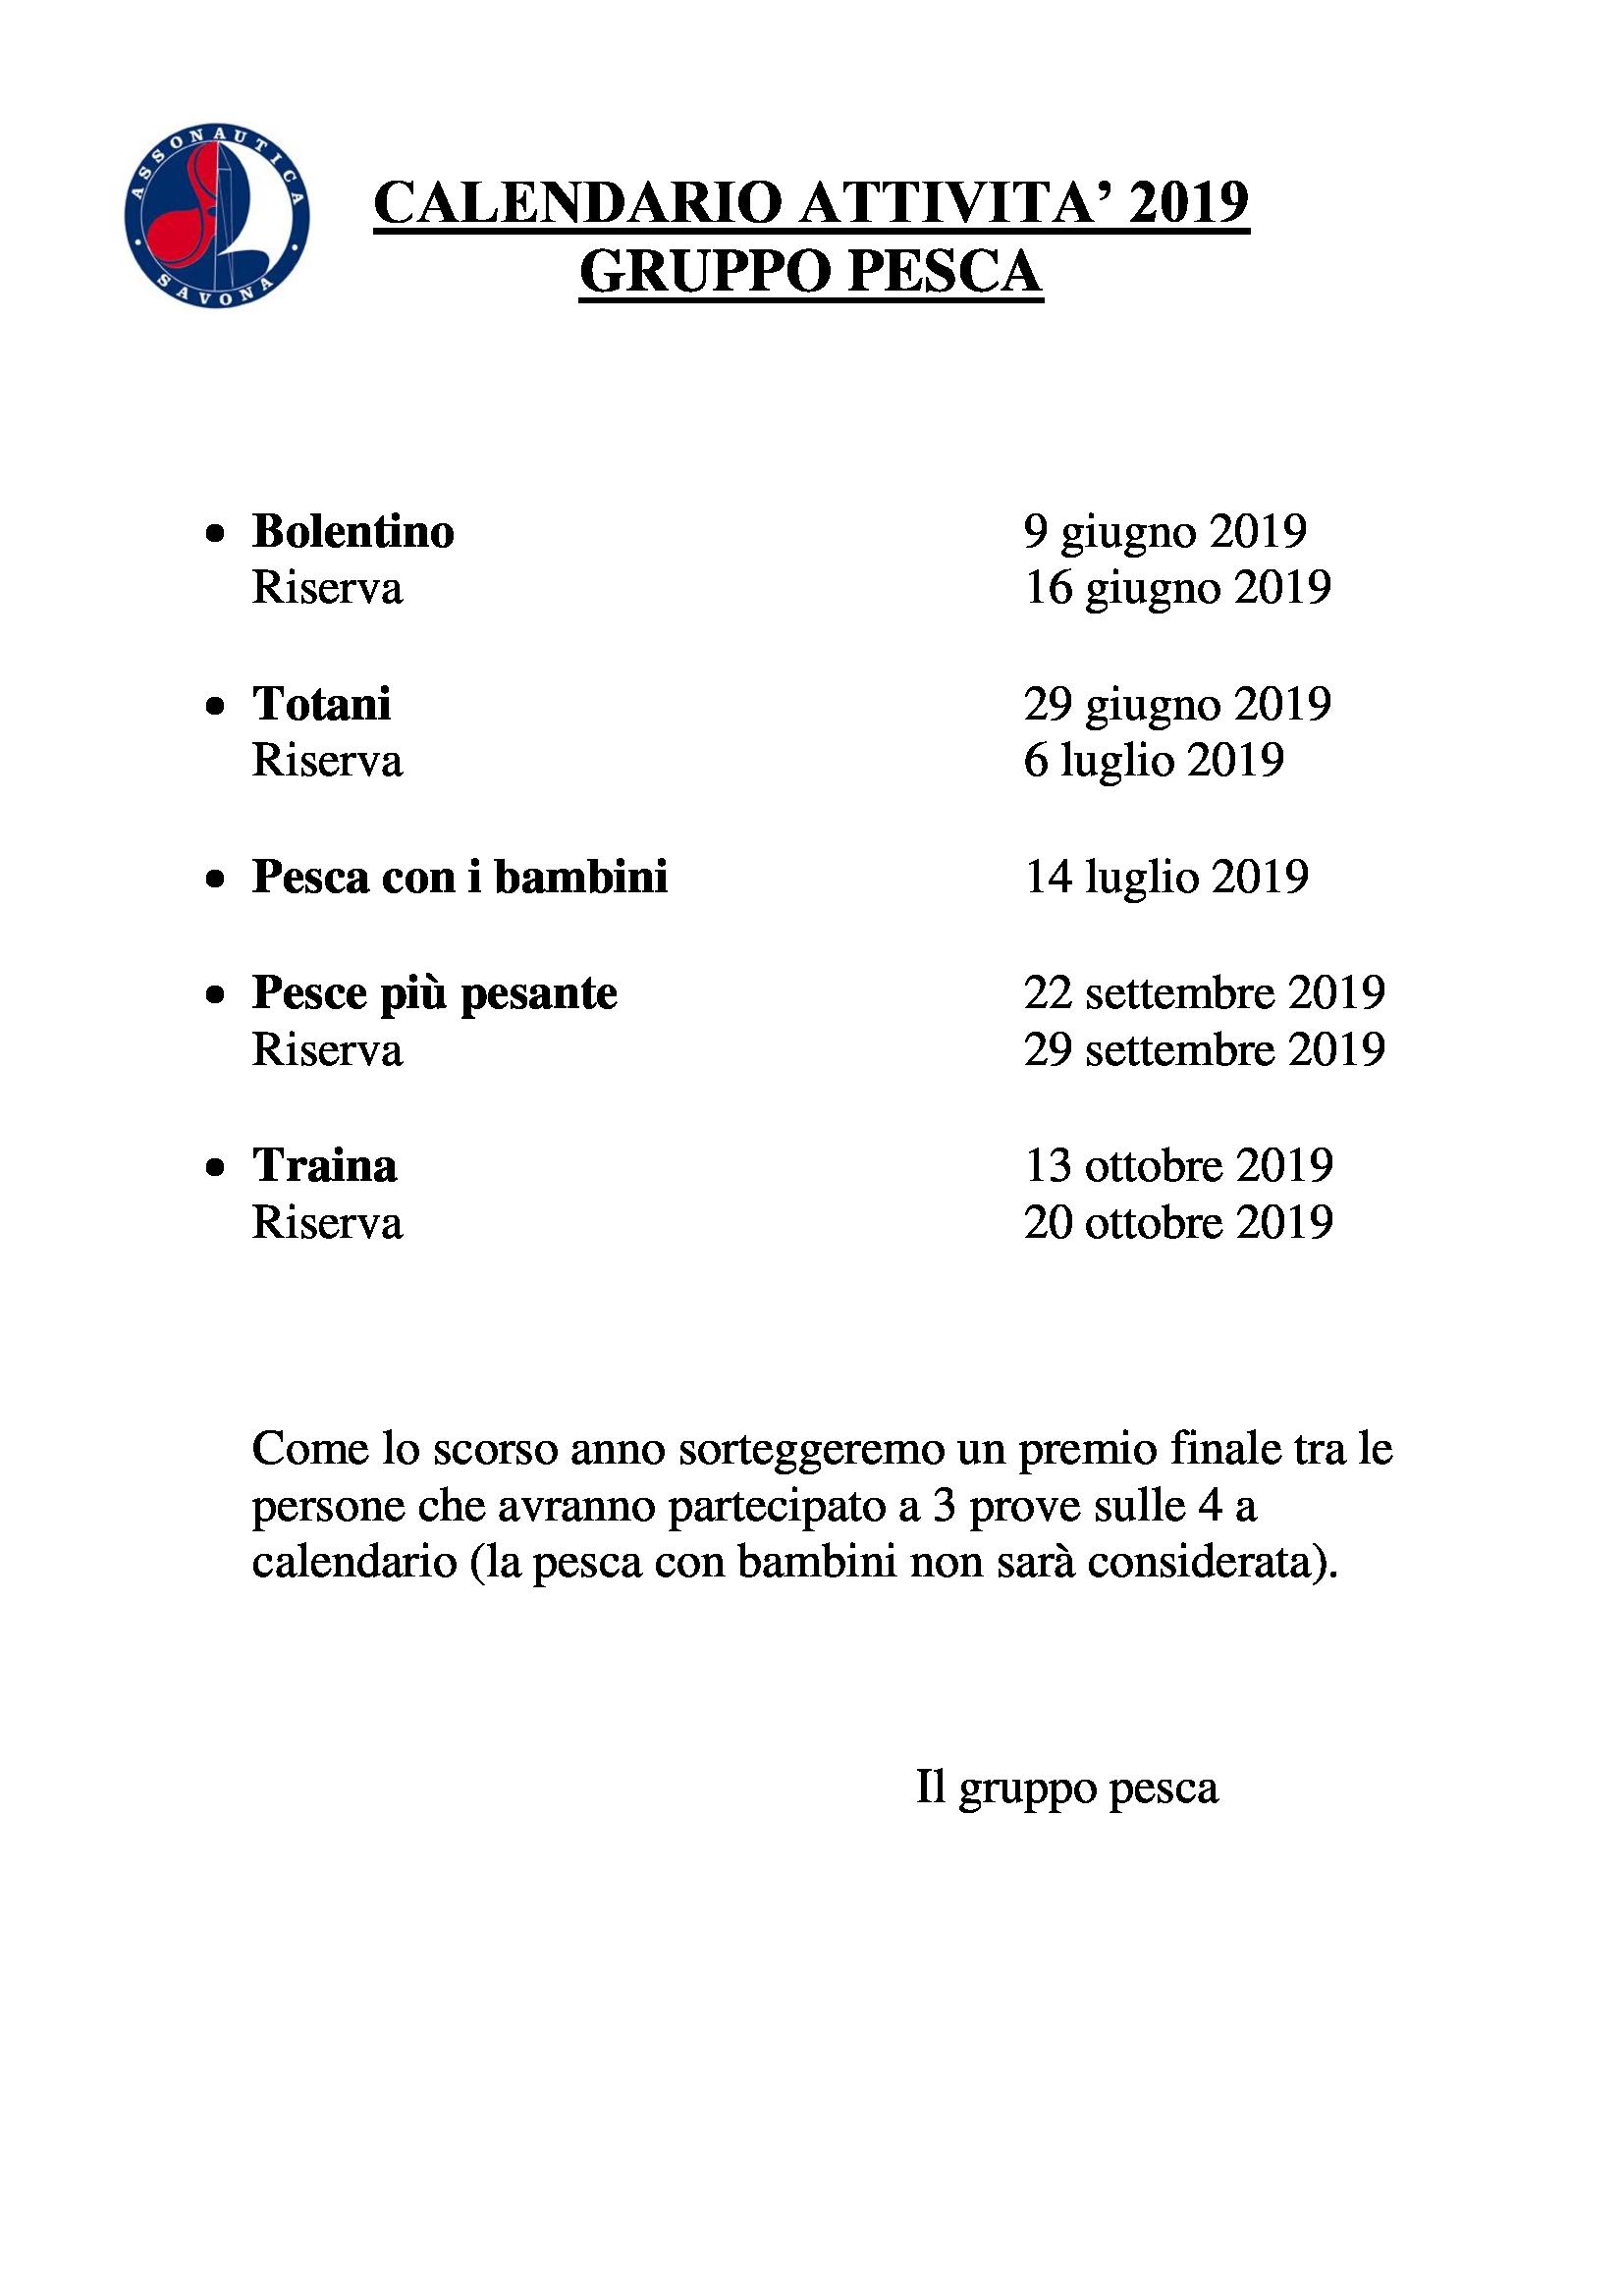 Calendario-2019 (1)